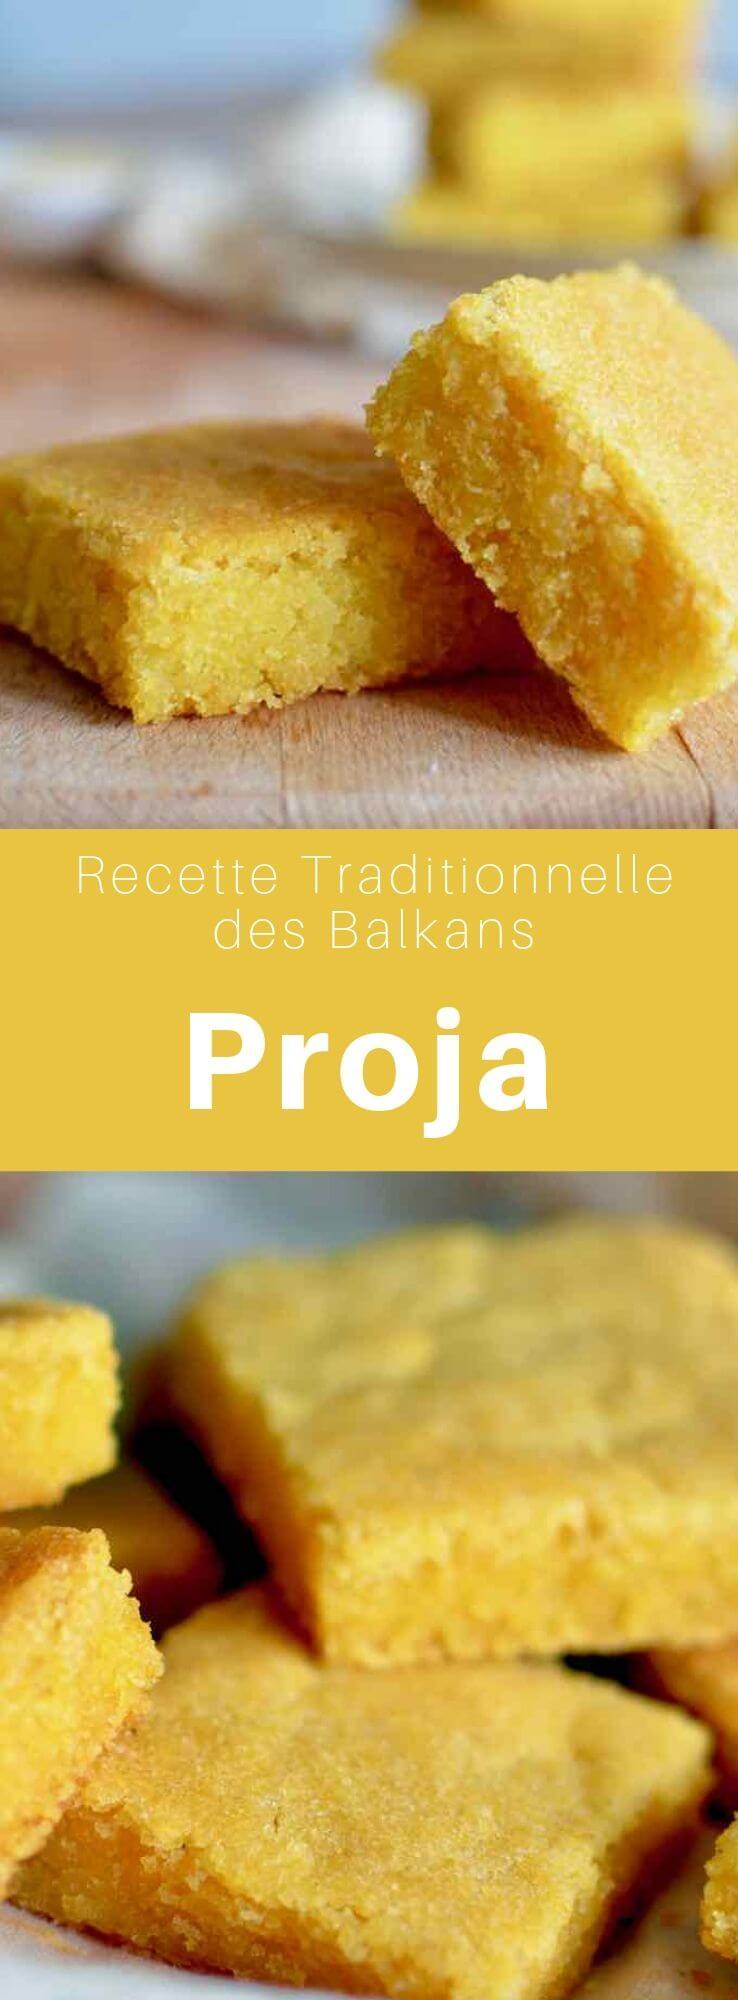 Le proja est un pain plat traditionnel des Balkans à base de farine de maïs. Proha est un nom utilisé également en Bosnie-Herzégovine. #Bosnie #Balkans #CuisineDuMonde #196flavors